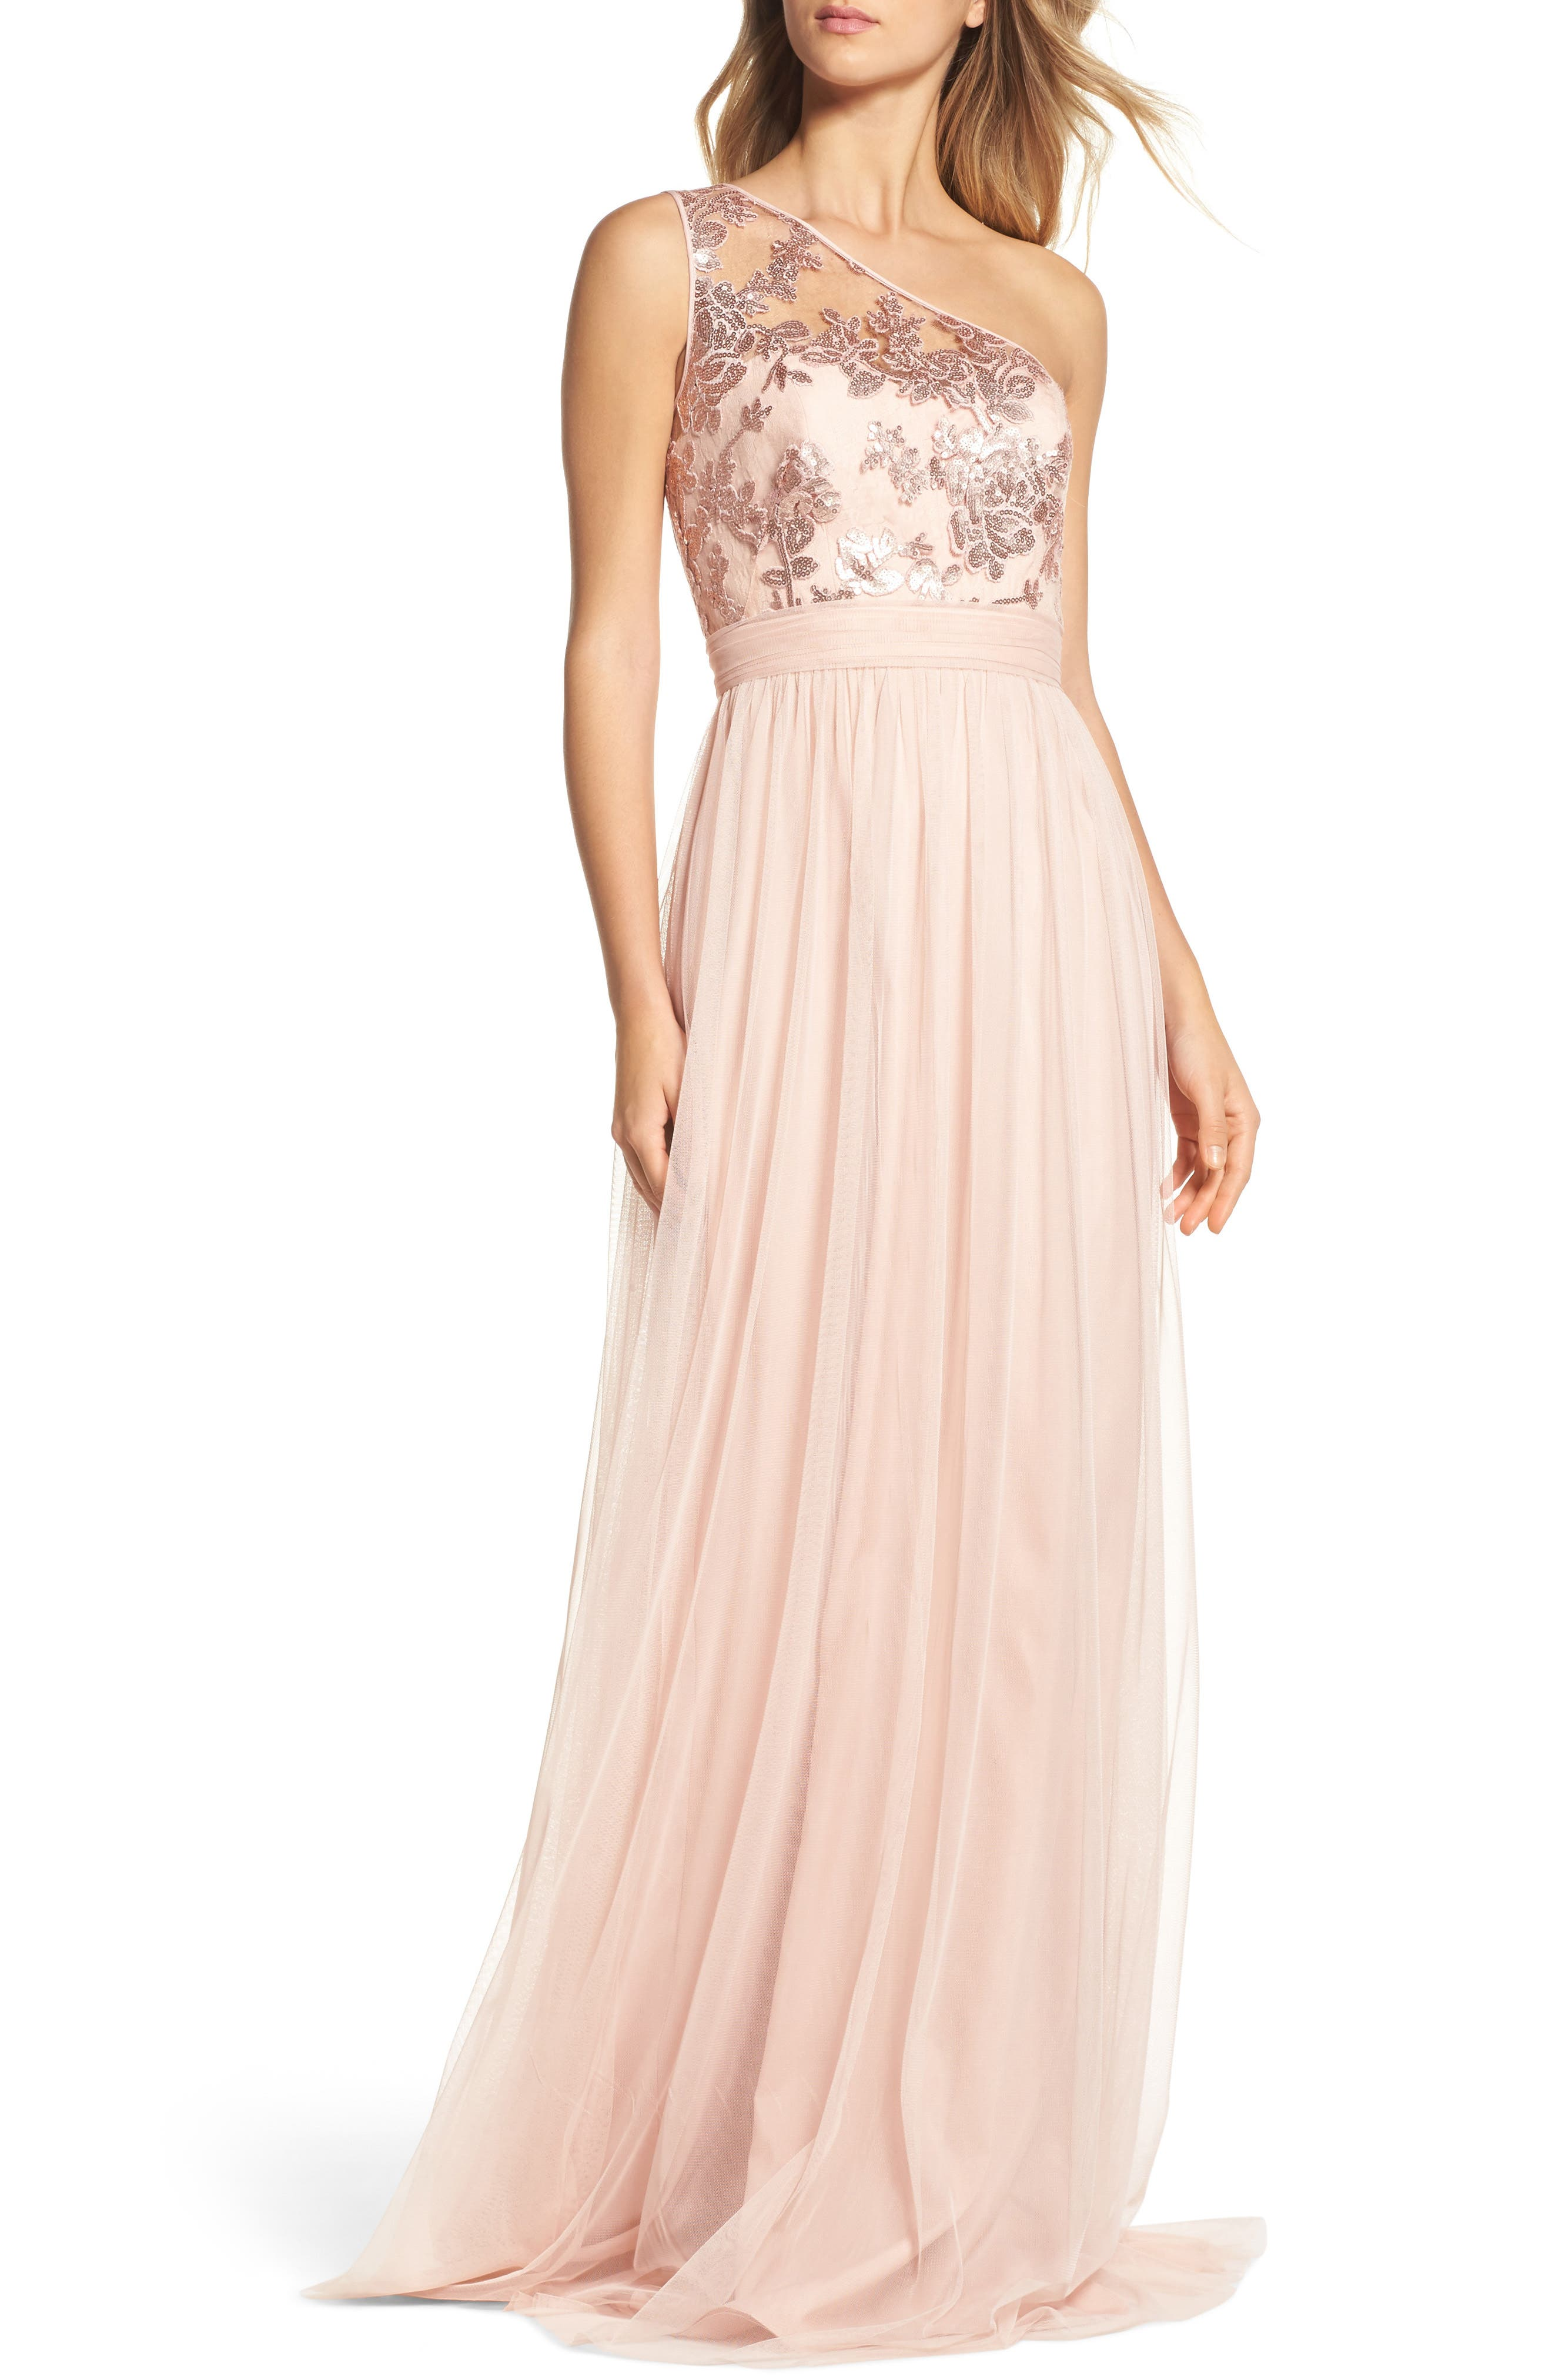 Embellished One Shoulder Dresses